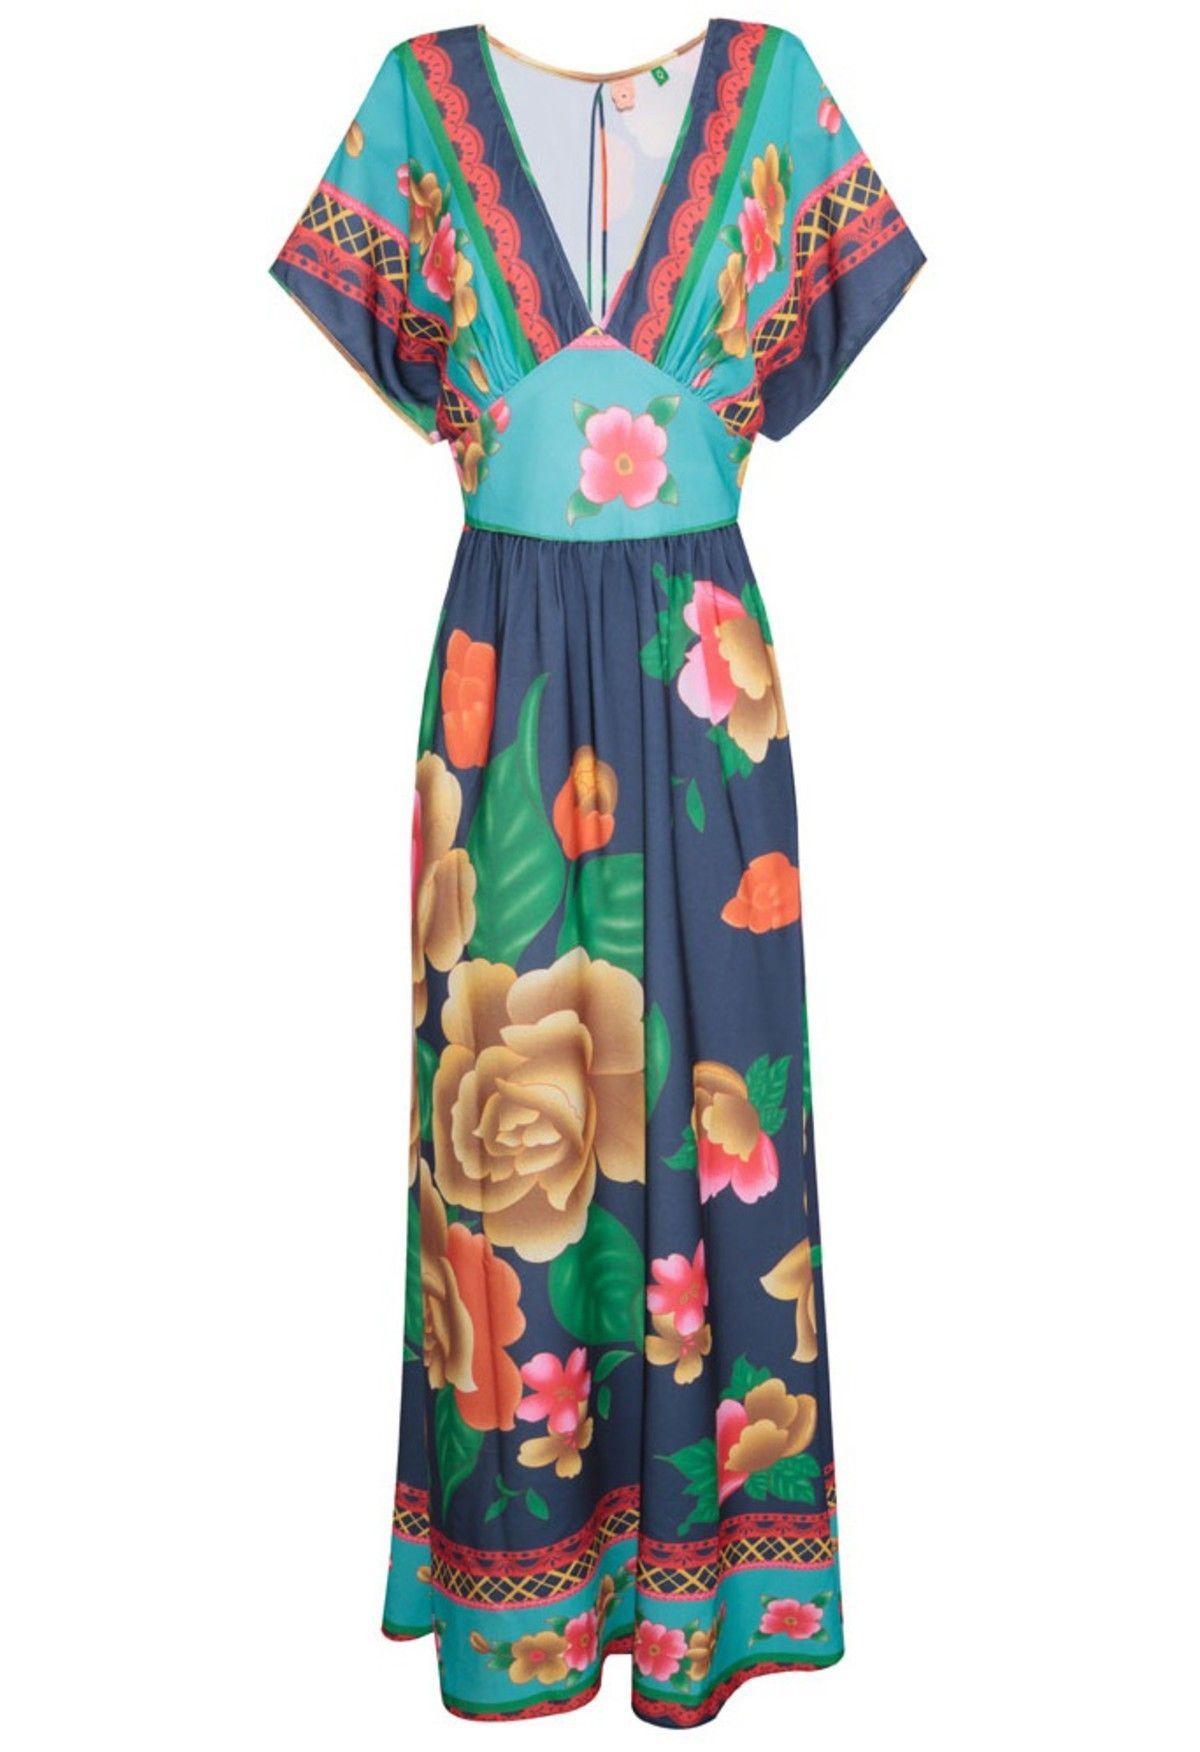 d145a5947 Vestido longo floral - azul e verde na  oqvestir